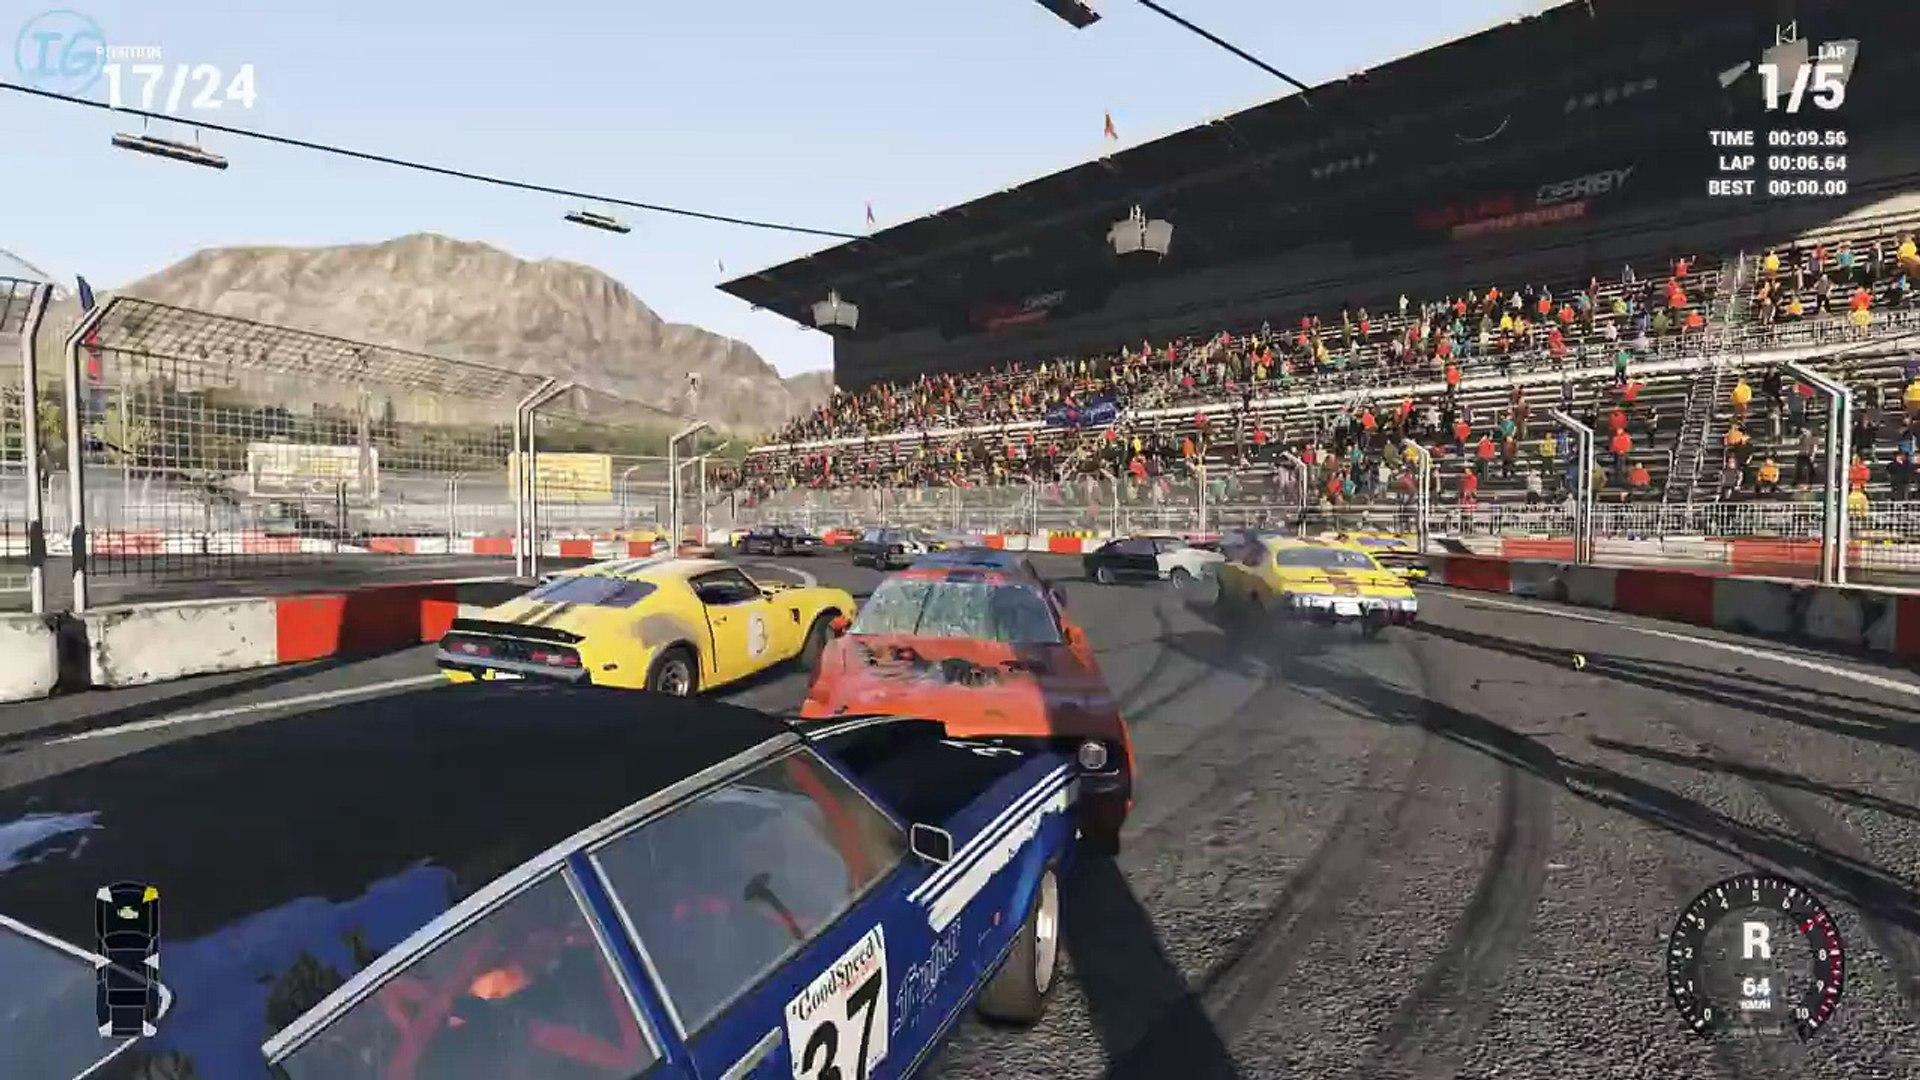 Next Car Game Wreckfest - Corrida em 8 Insana!!! Tá pegando FOGO bixo!!!